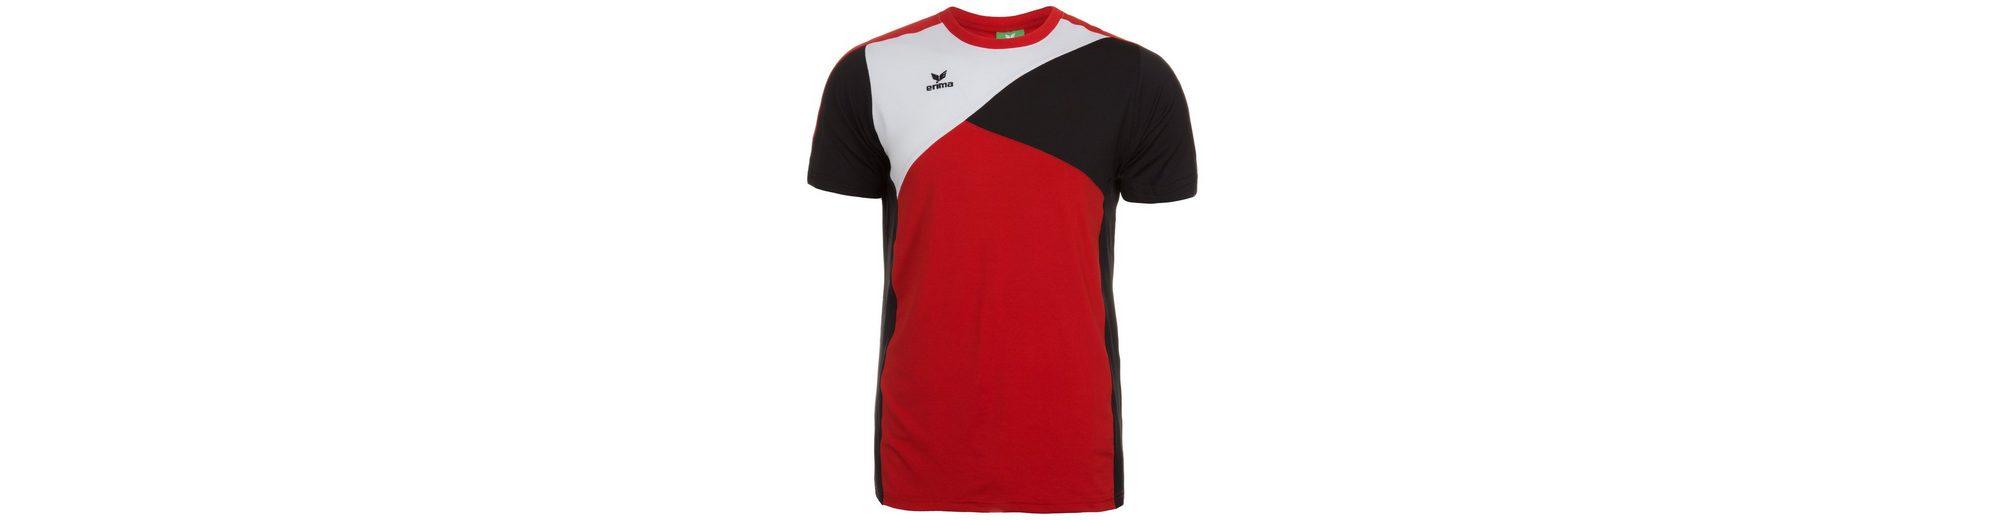 ERIMA Premium One T-Shirt Herren Verkauf Besuch Neu Billig Verkauf Exklusiv Anzuzeigen Günstigen Preis Frei Verschiffen Angebot Spielraum Größte Lieferant 9H14ojm5